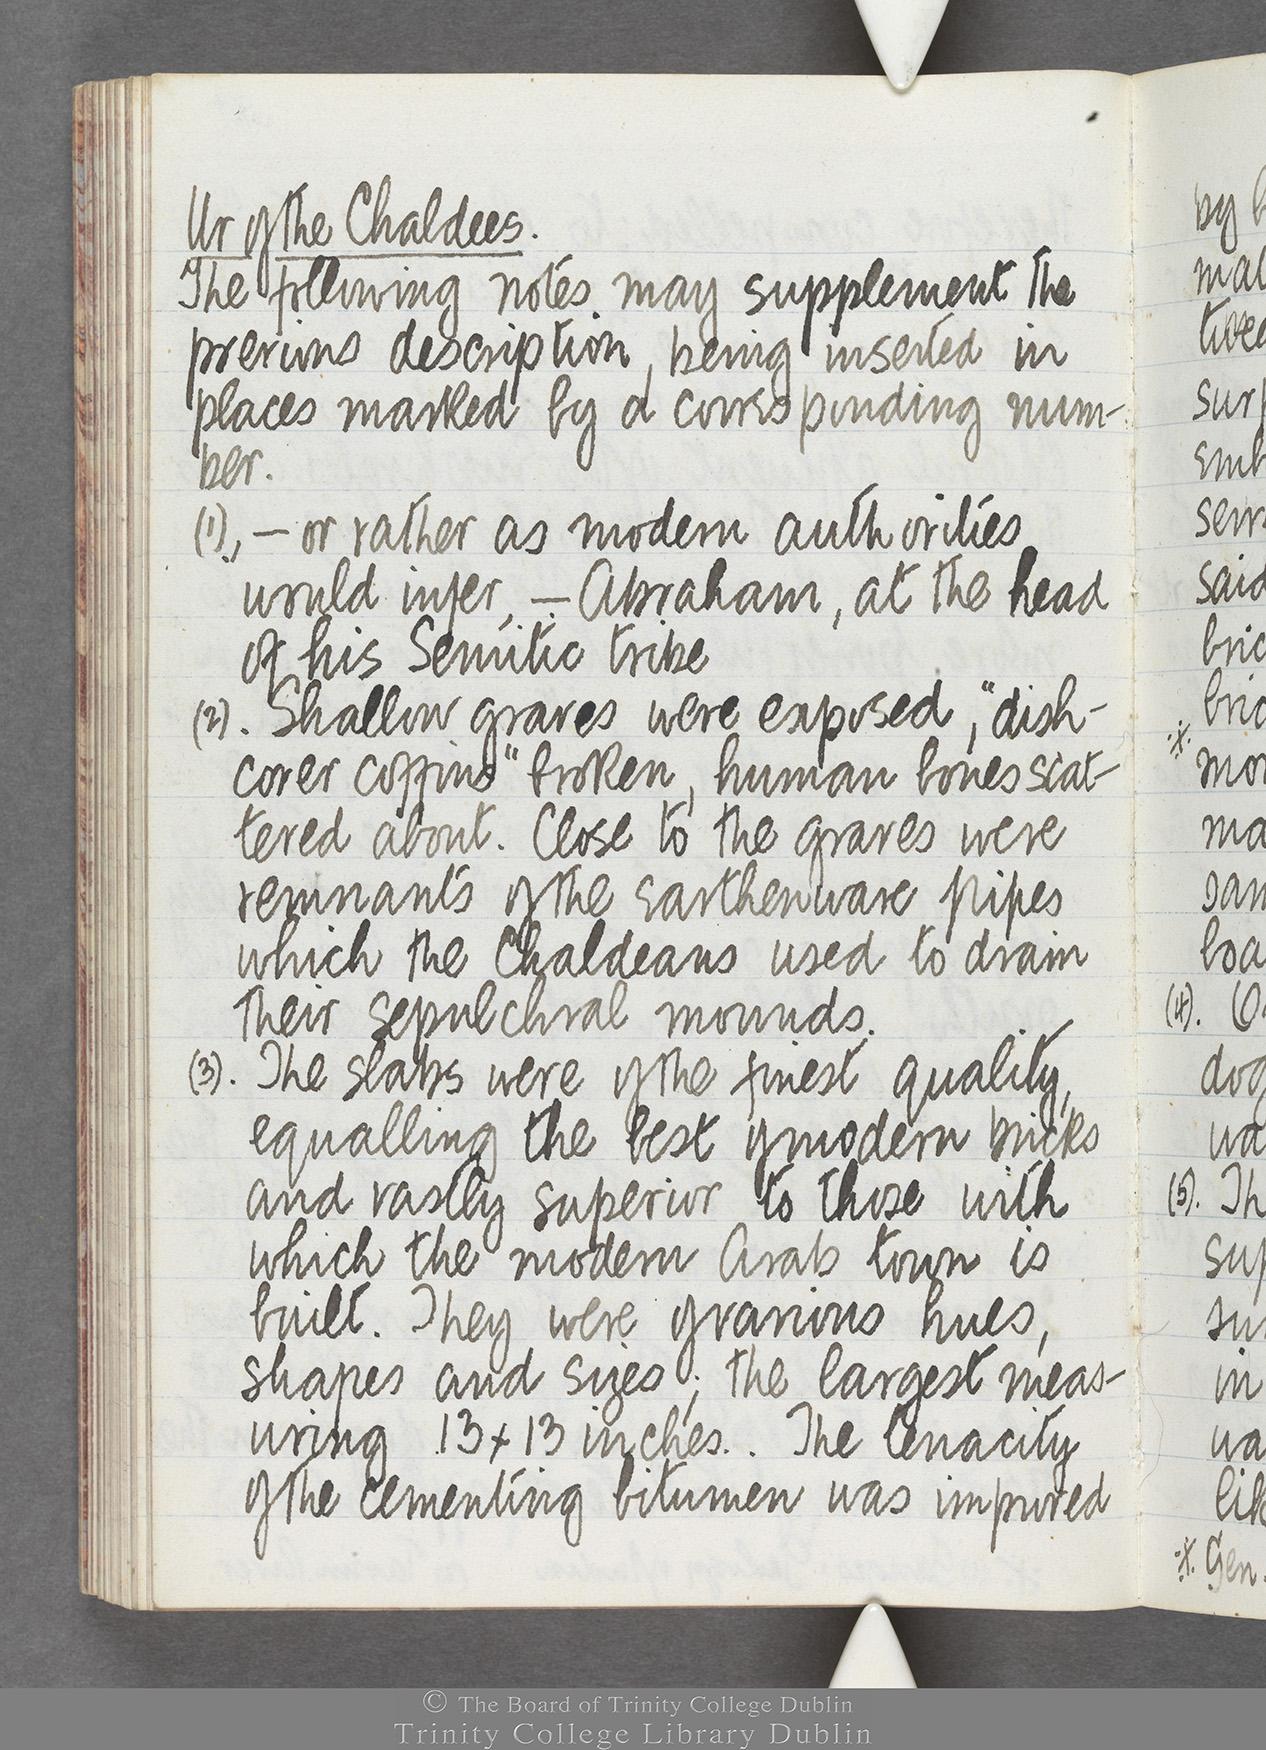 TCD MS 10516 folio 87 verso